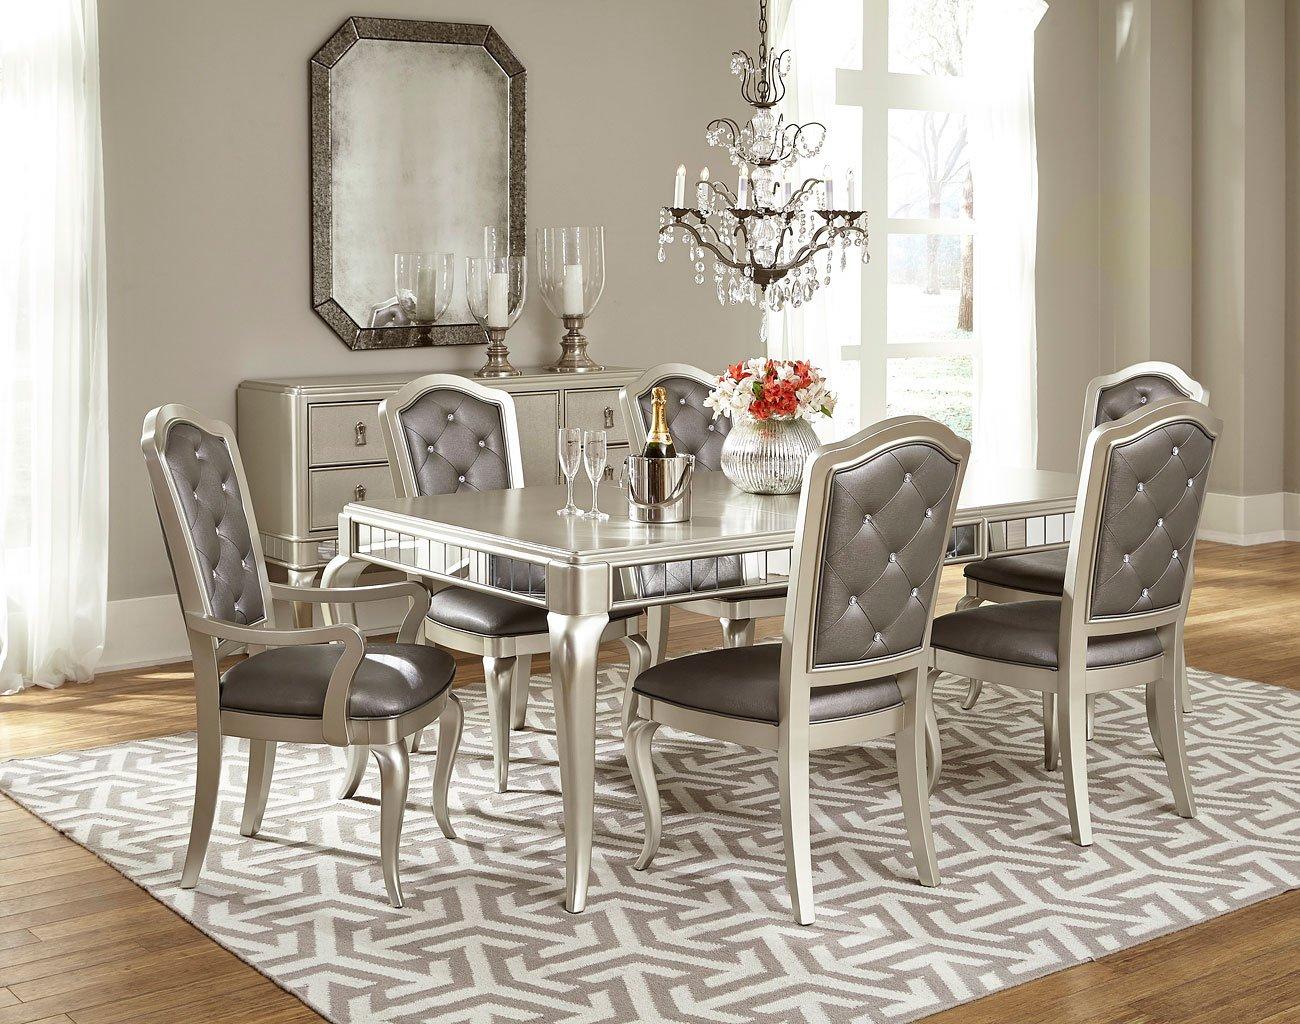 Diva Dining Room Set Samuel Lawrence Furniture 1 Reviews